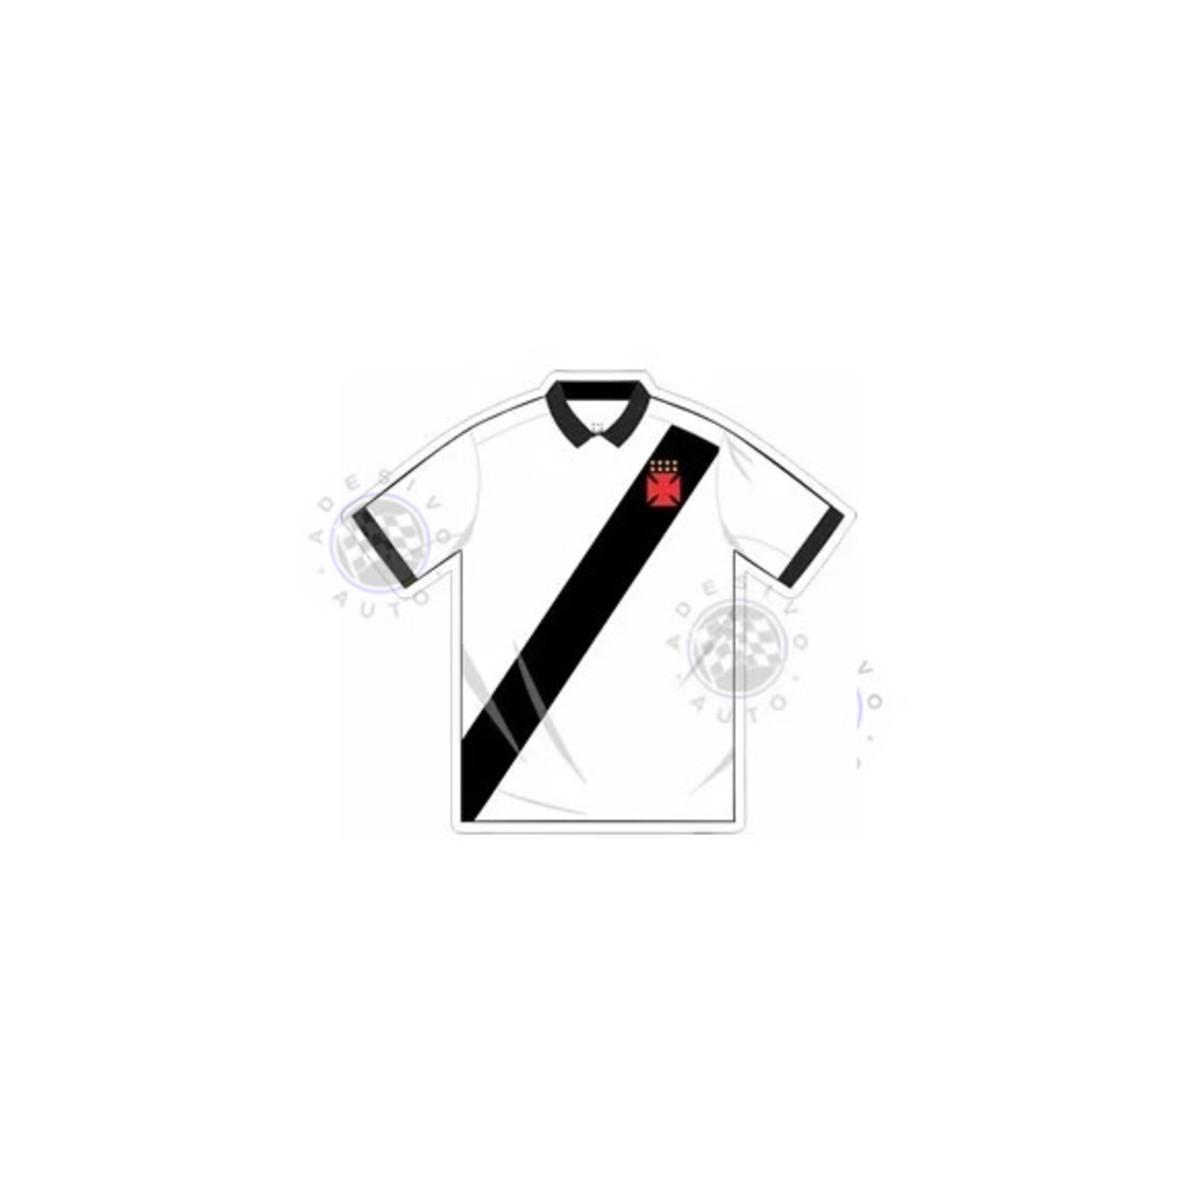 ca2838d99edc9 Adesivo Camisa V.a.s.c.o. Da Gama Futebol Brasileiro no Elo7 ...